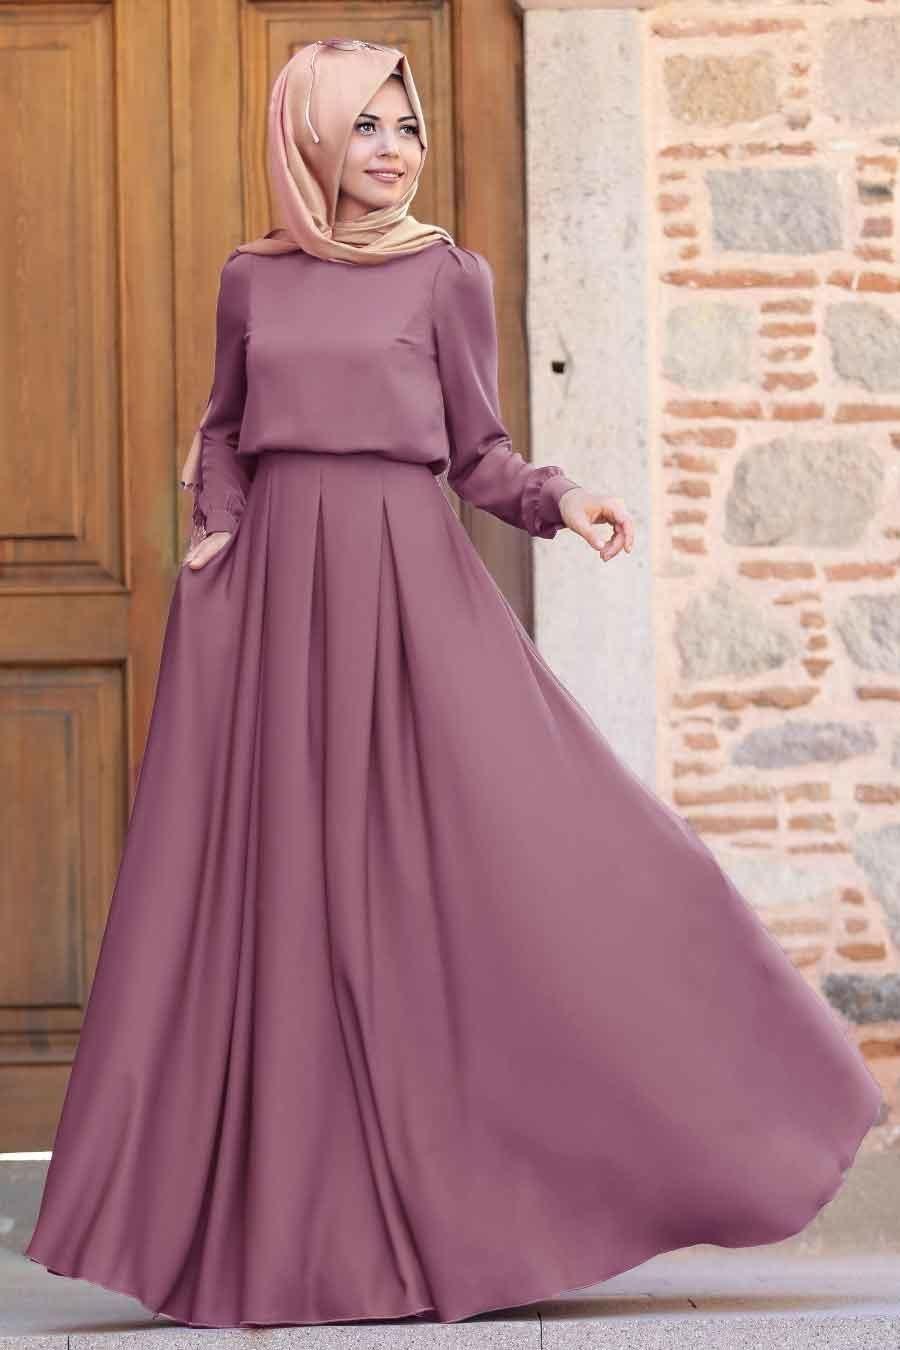 Tesetturlu Abiye Elbise Gulce Gul Kurusu Tesettur Abiye Elbise 6753gk Tesetturisland Com Islami Giyim Elbise Giyim